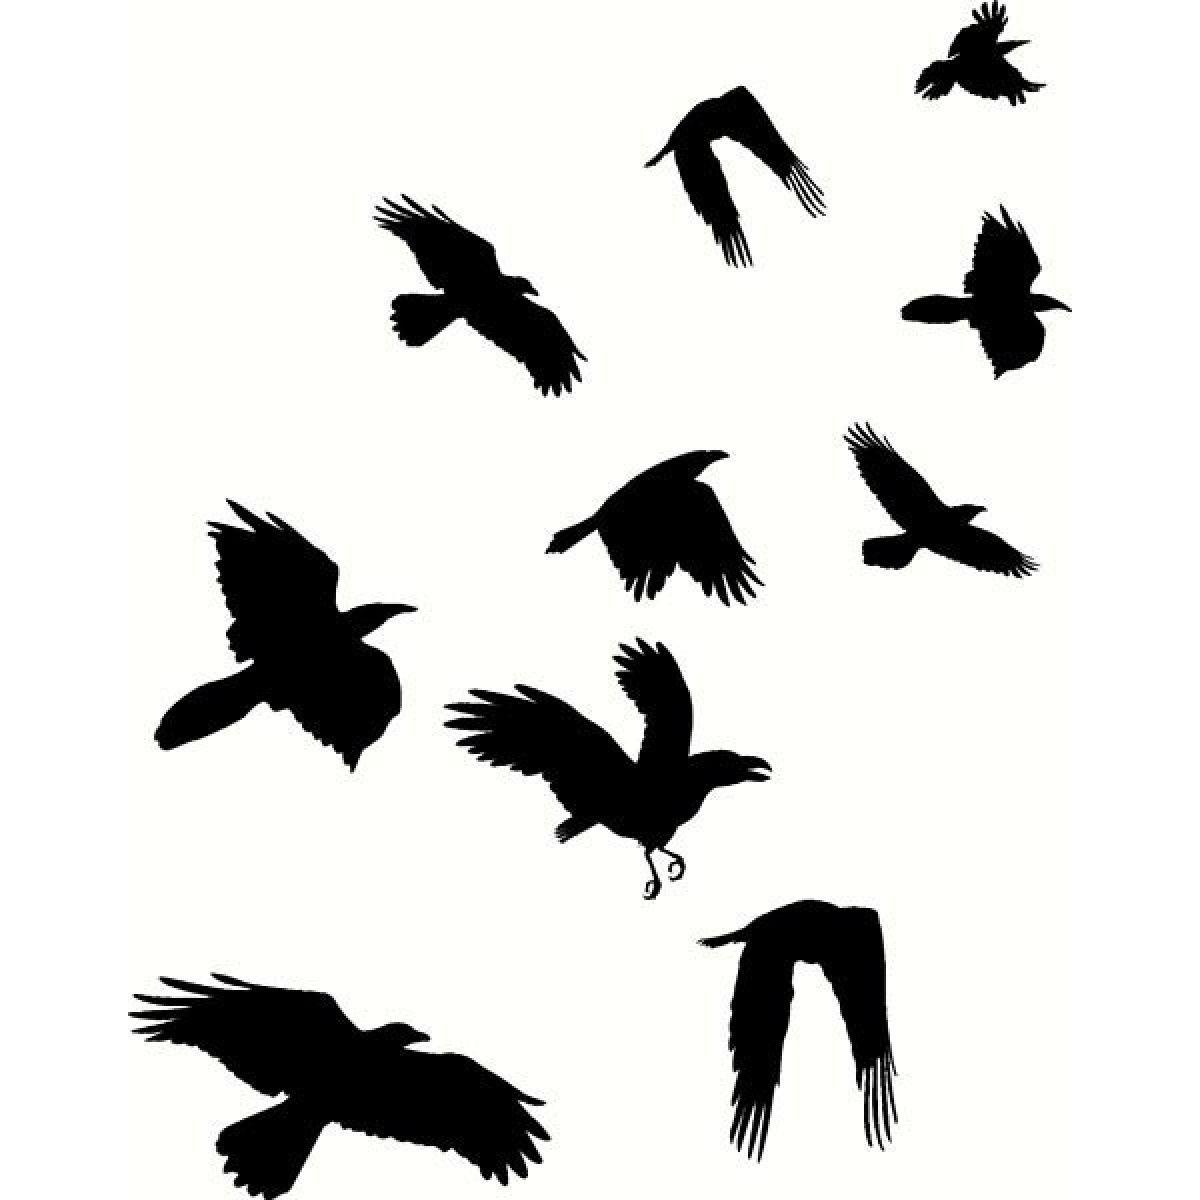 crow flock | Flock of Crows Ladies Tshirt | animal | Black crow ...